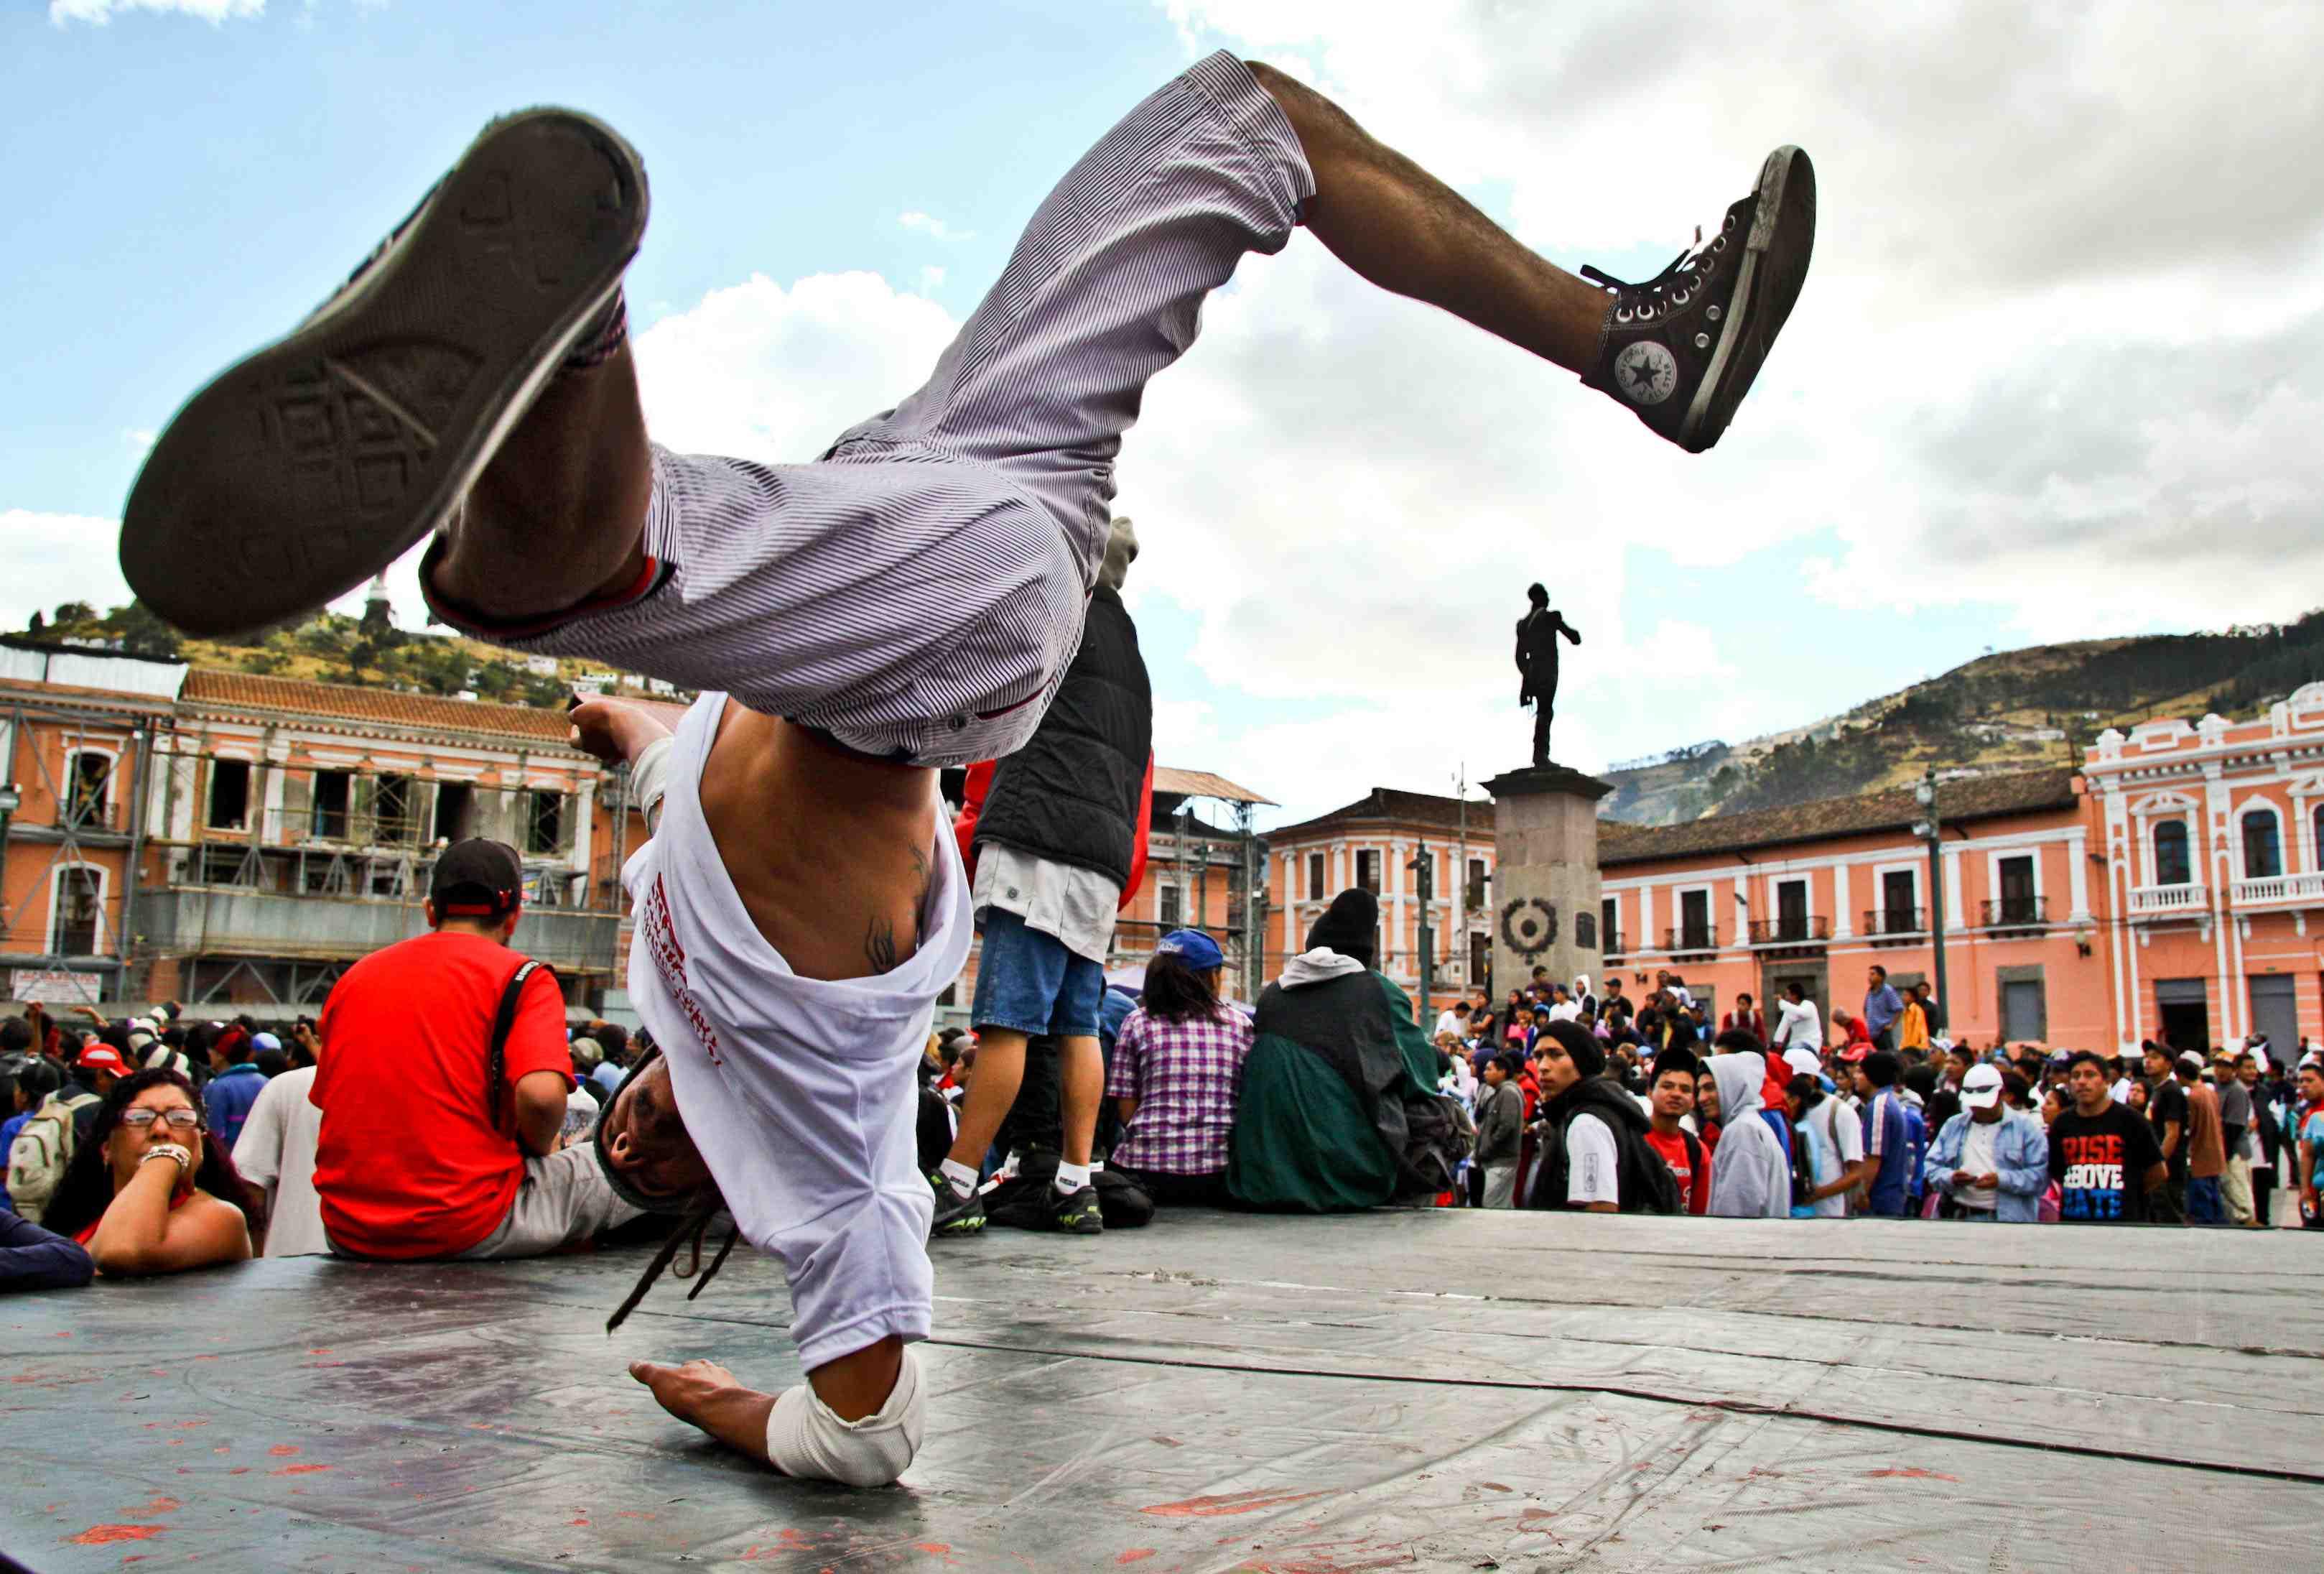 Miguel-Iwias-Crew-Breakdance-Quito-Ecuador-Centro-Historico-3